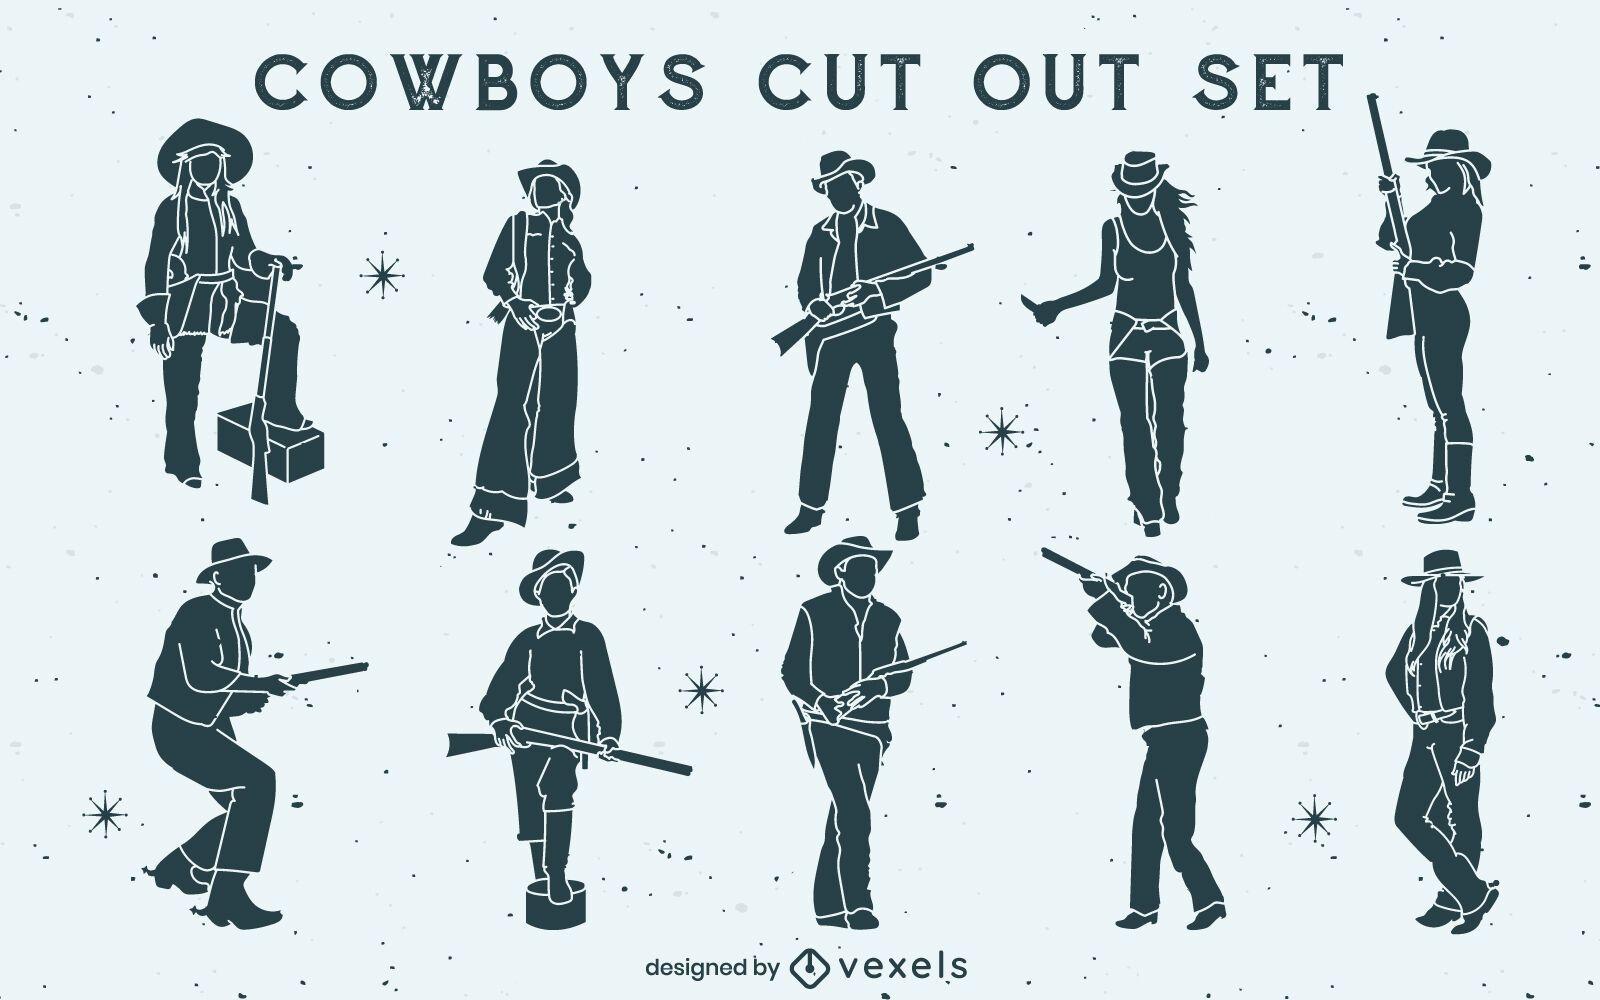 Cowboys e cowgirls com armas armadas recortadas